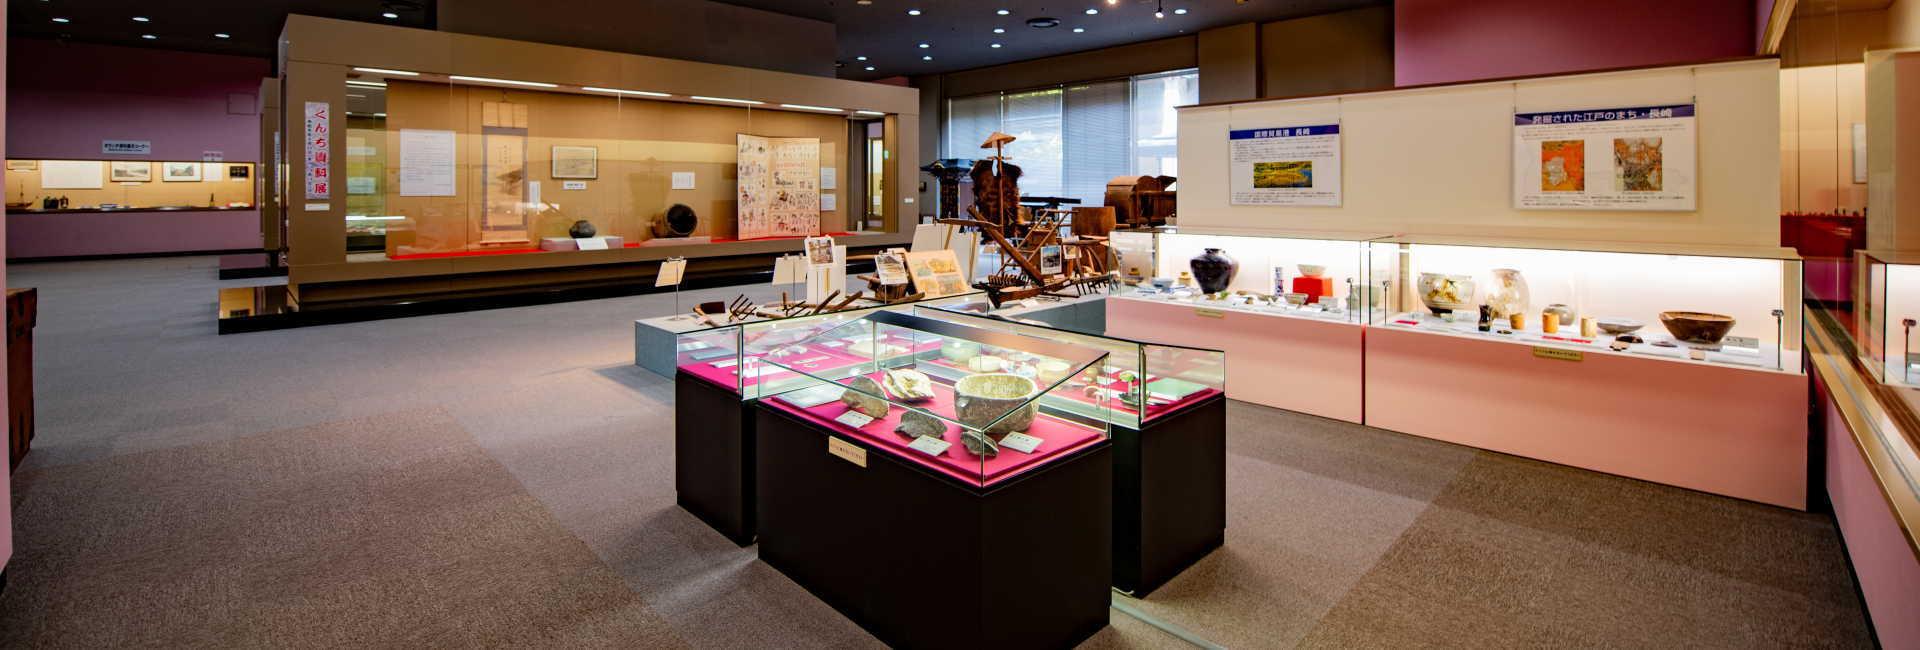 長崎市歴史民俗資料館6